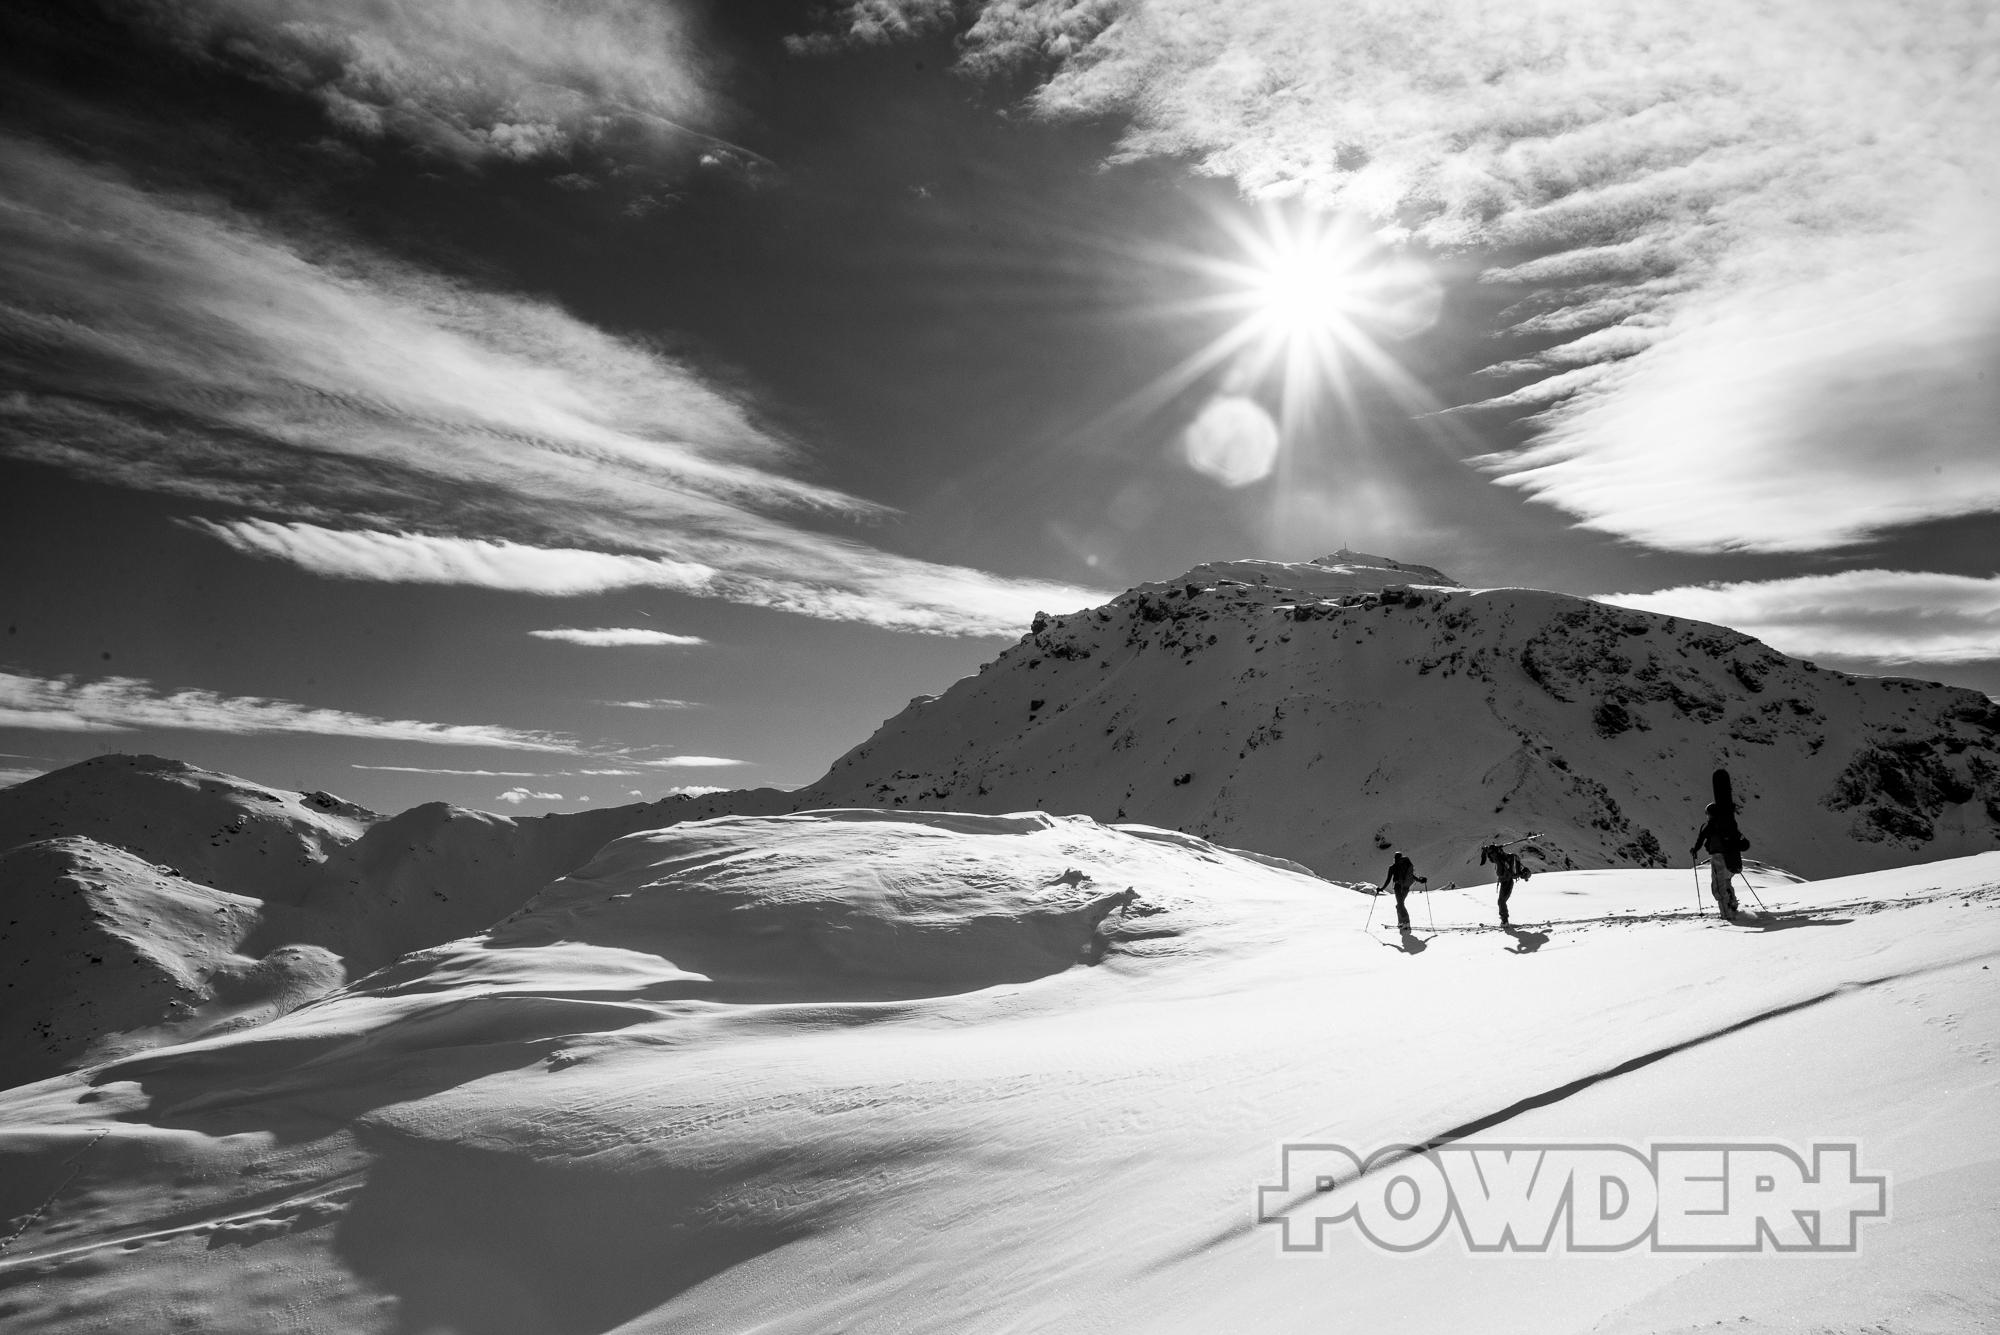 Skitour, Hochfügen, Sonntagsköpfl, LWS 3, LWD Tirol, Lawine Ostwand, Hochzillertal, Powder Report